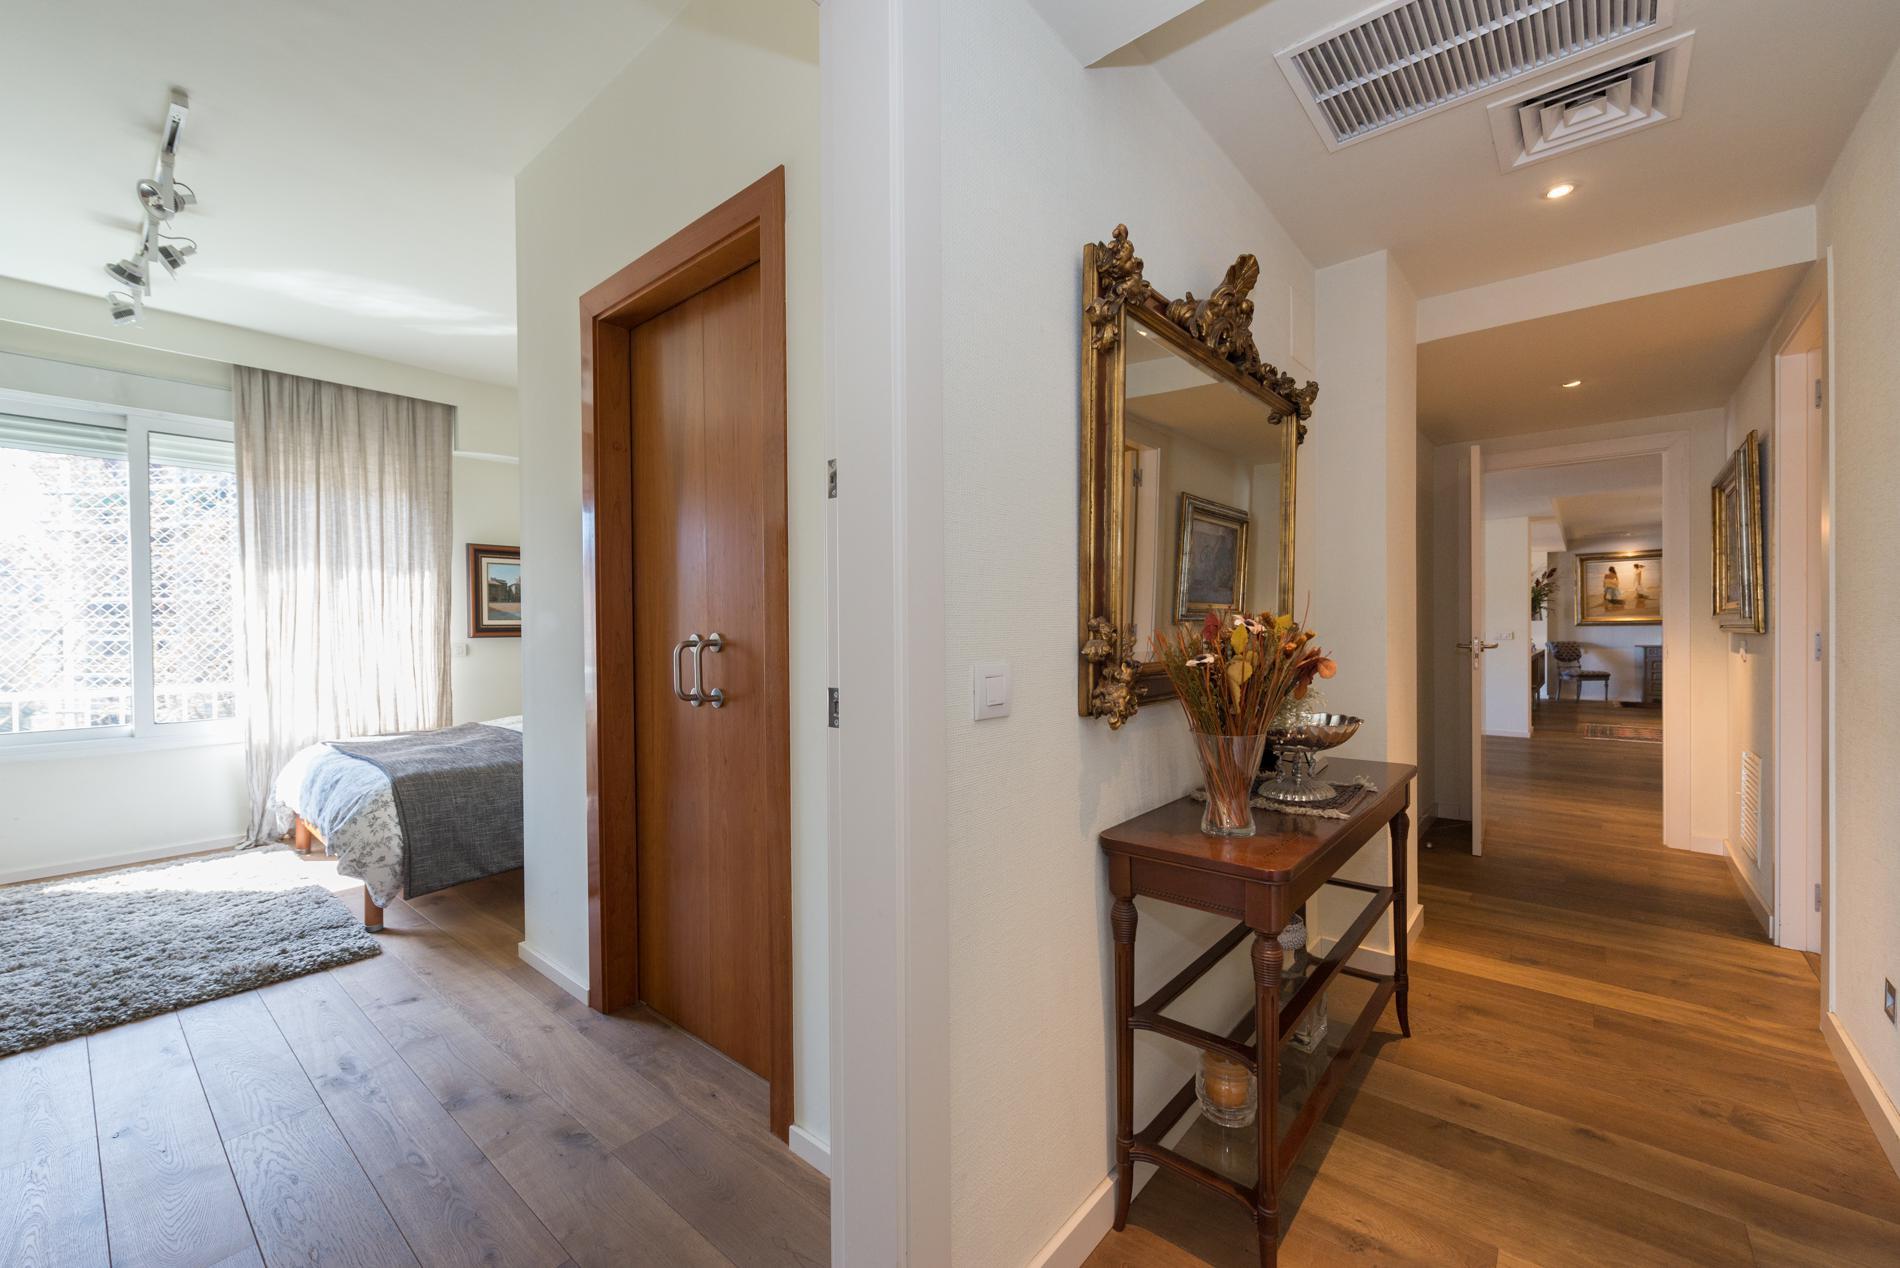 222426 Apartment for sale in Eixample, Dreta Eixample 23